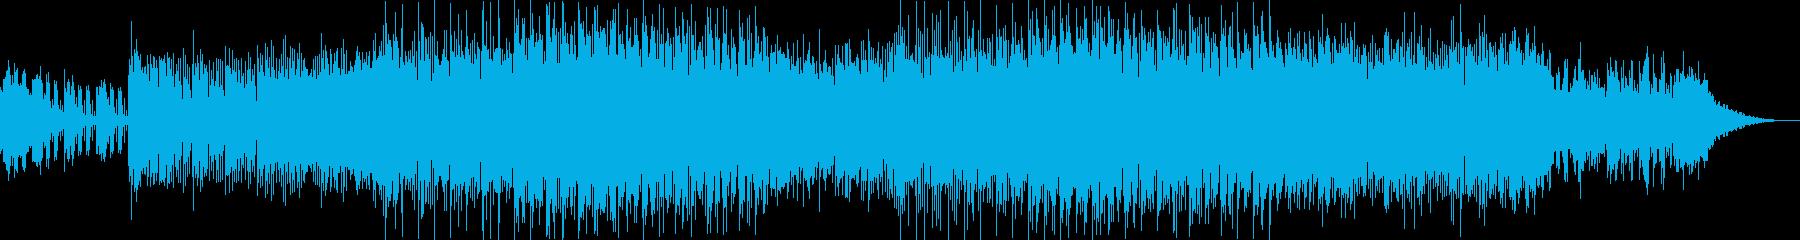 ドキュメンタリー映像向けBGMの再生済みの波形